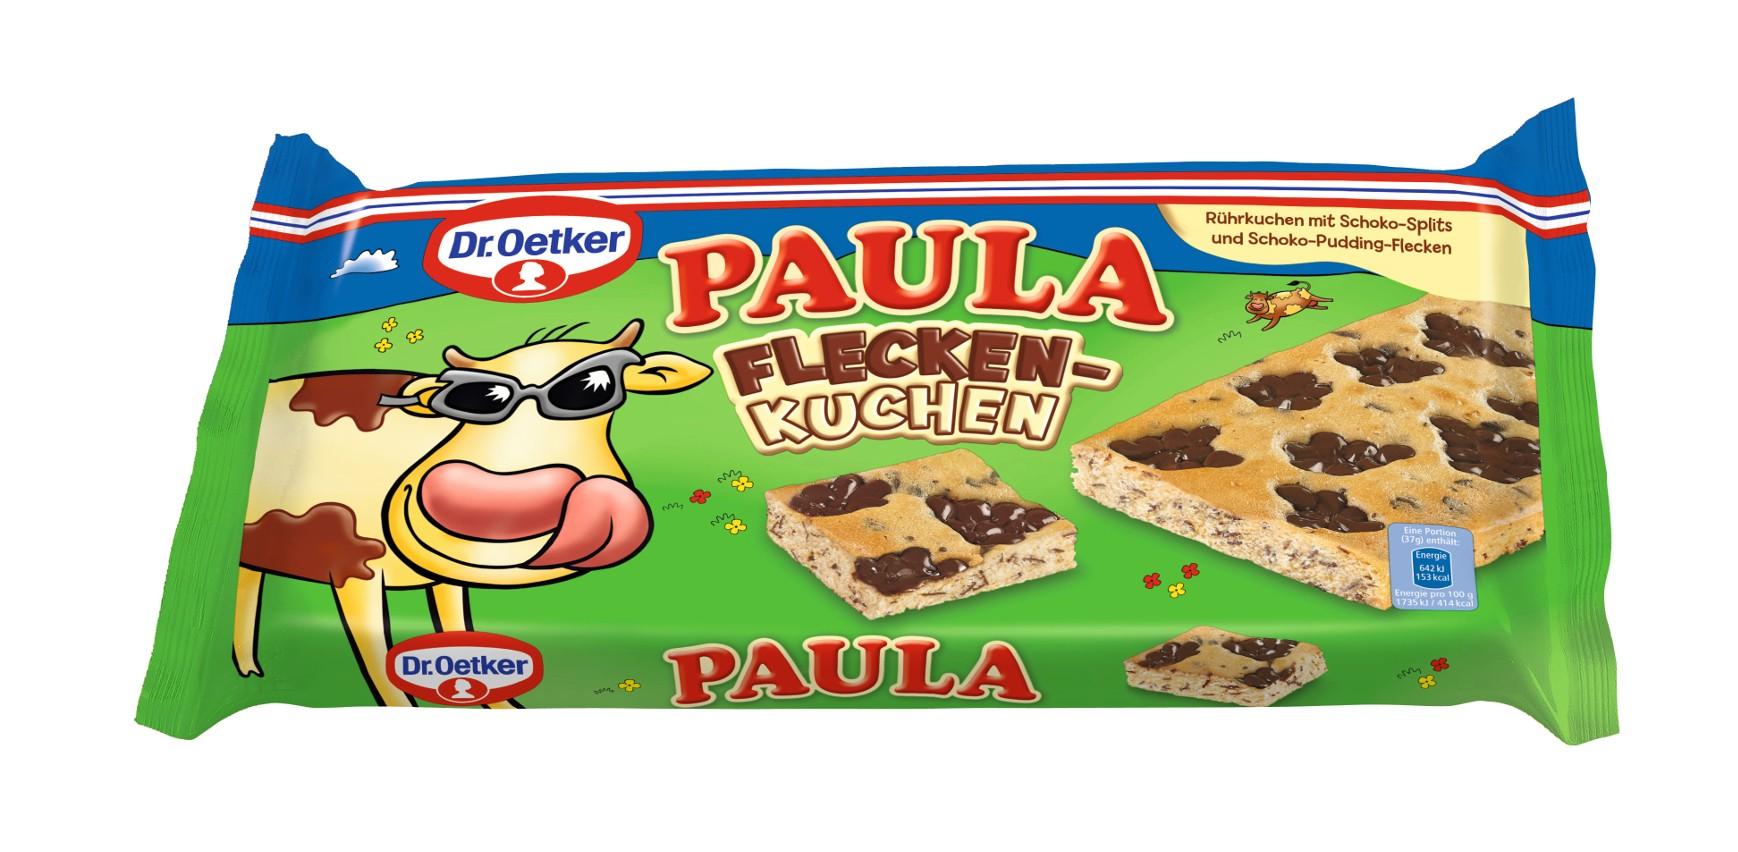 Dr. Oetker PAULA Fleckenkuchen mit Schoko-Splits und Schoko-Pudding-Flecken